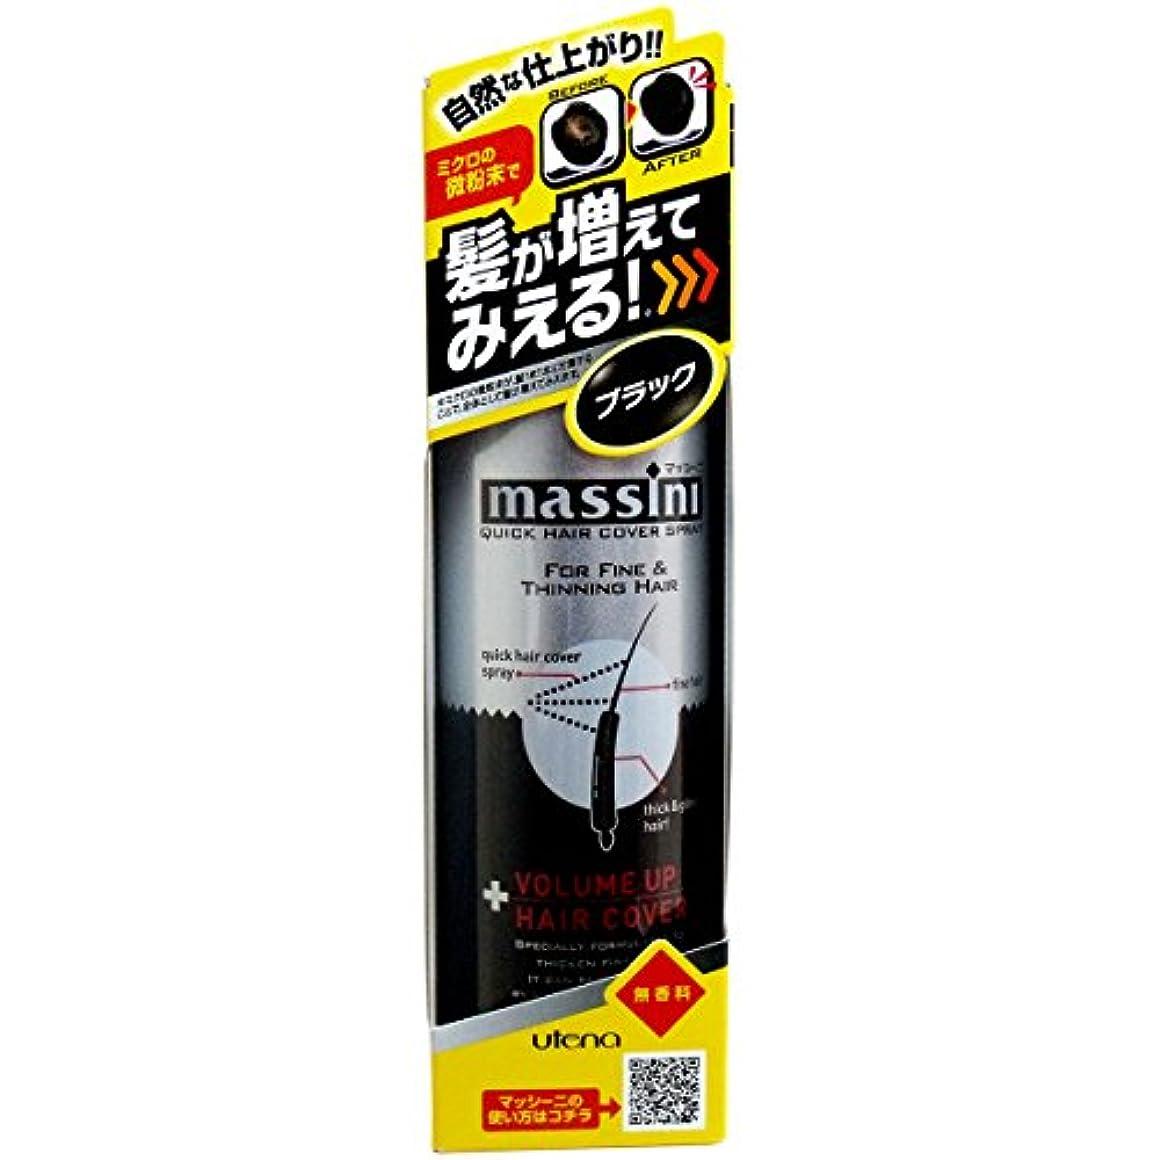 処理なくなる合計【ウテナ】マッシーニ クィックヘアカバースプレー(ブラック) 140g ×3個セット